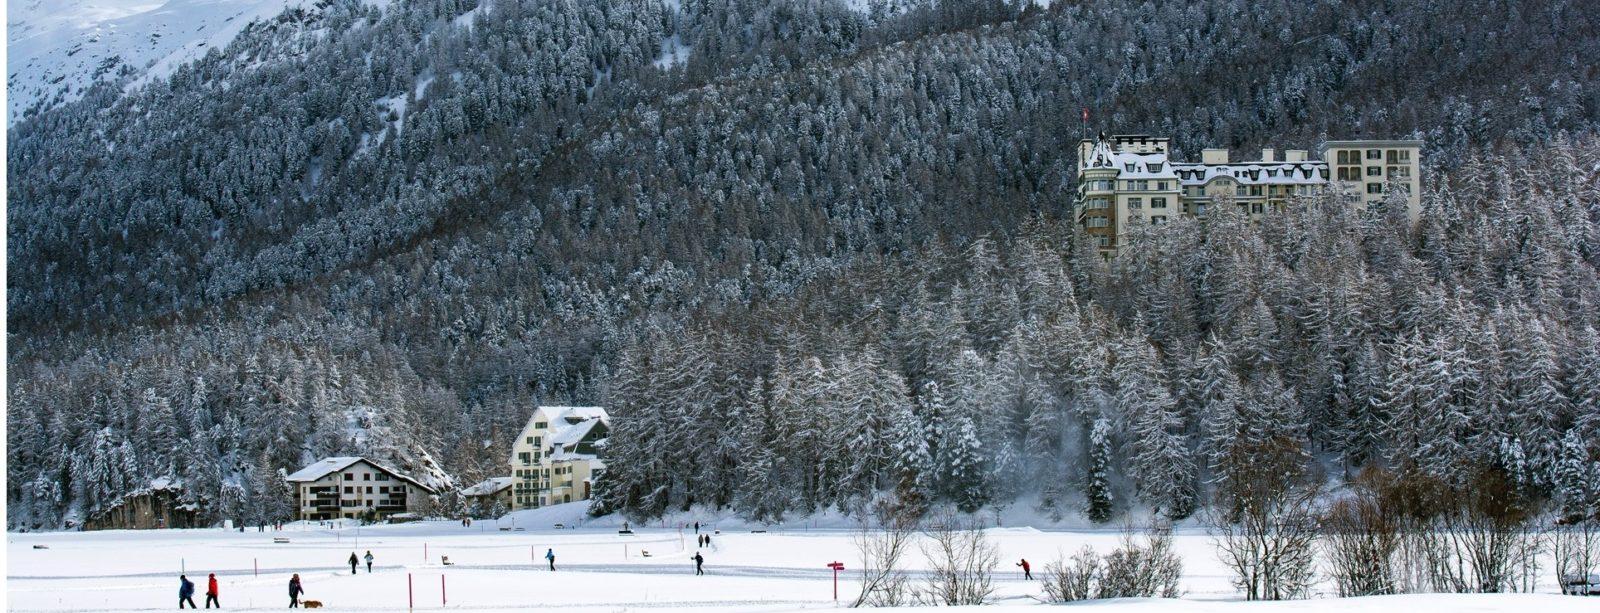 Silserebene mit Blick Richtung Hotel Waldhaus